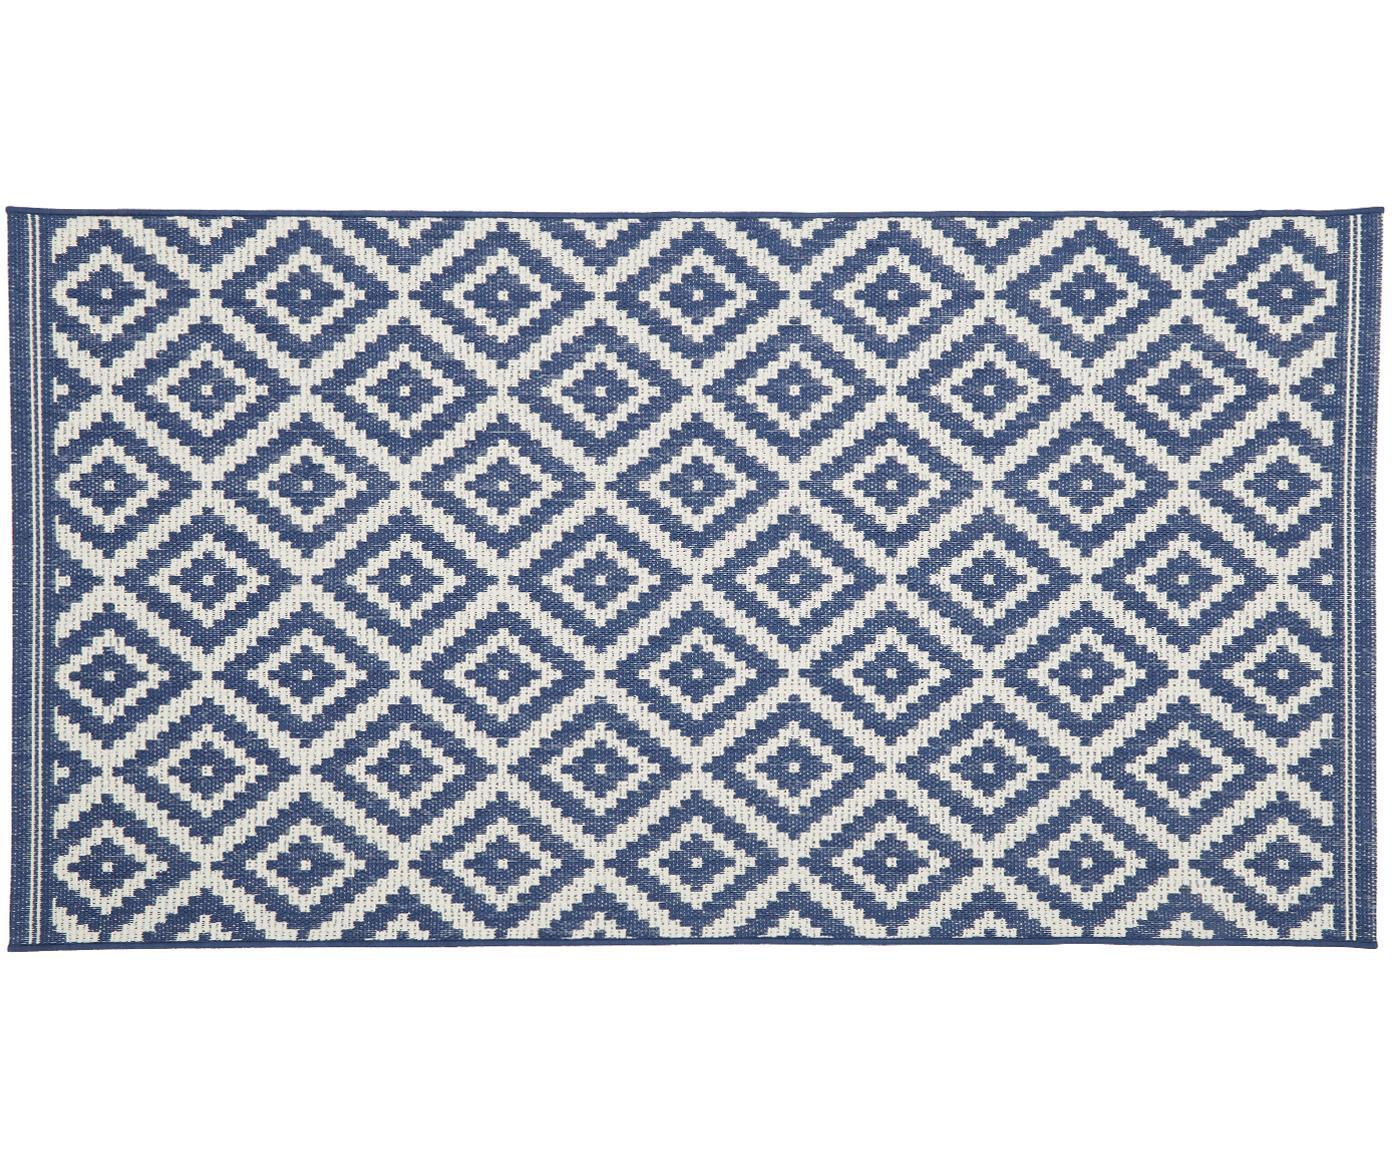 Tappeto da interno-esterno Miami, Retro: poliestere, Bianco crema, blu, Larg. 80 x Lung. 150 cm (taglia XS)